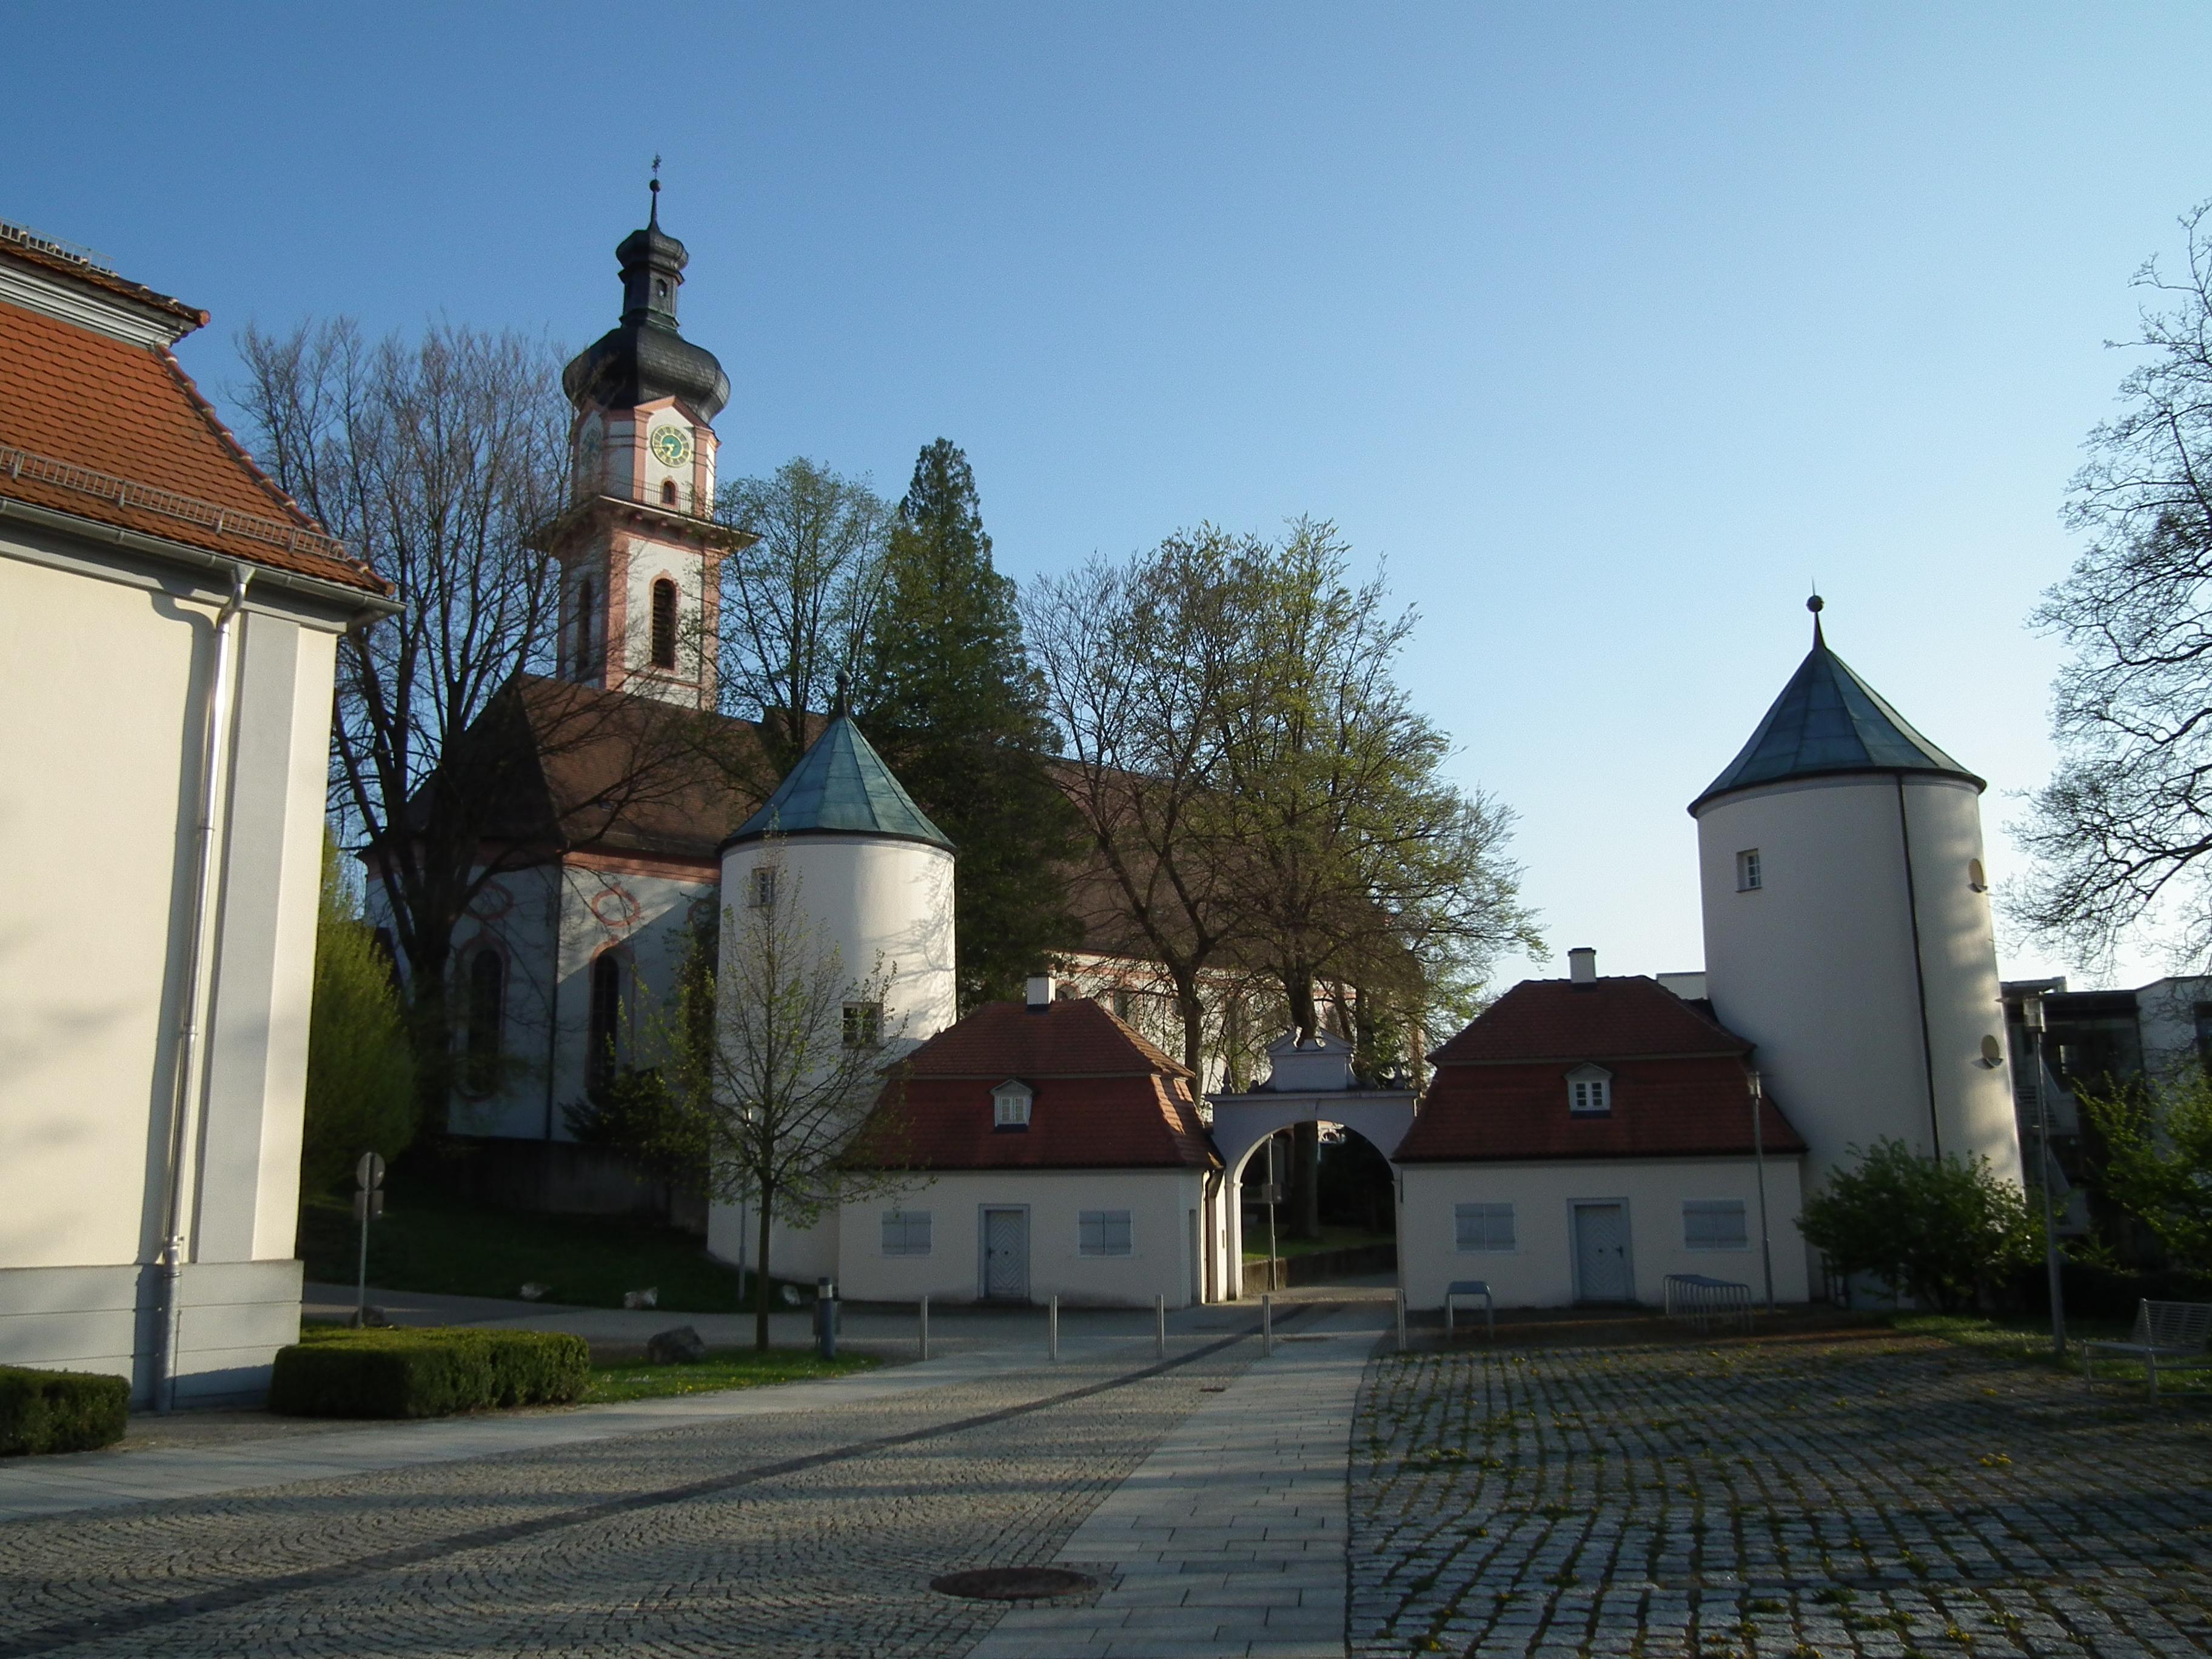 File:Ensemble Wehrtürme Schloß Großlaupheim St Peter und Paul.